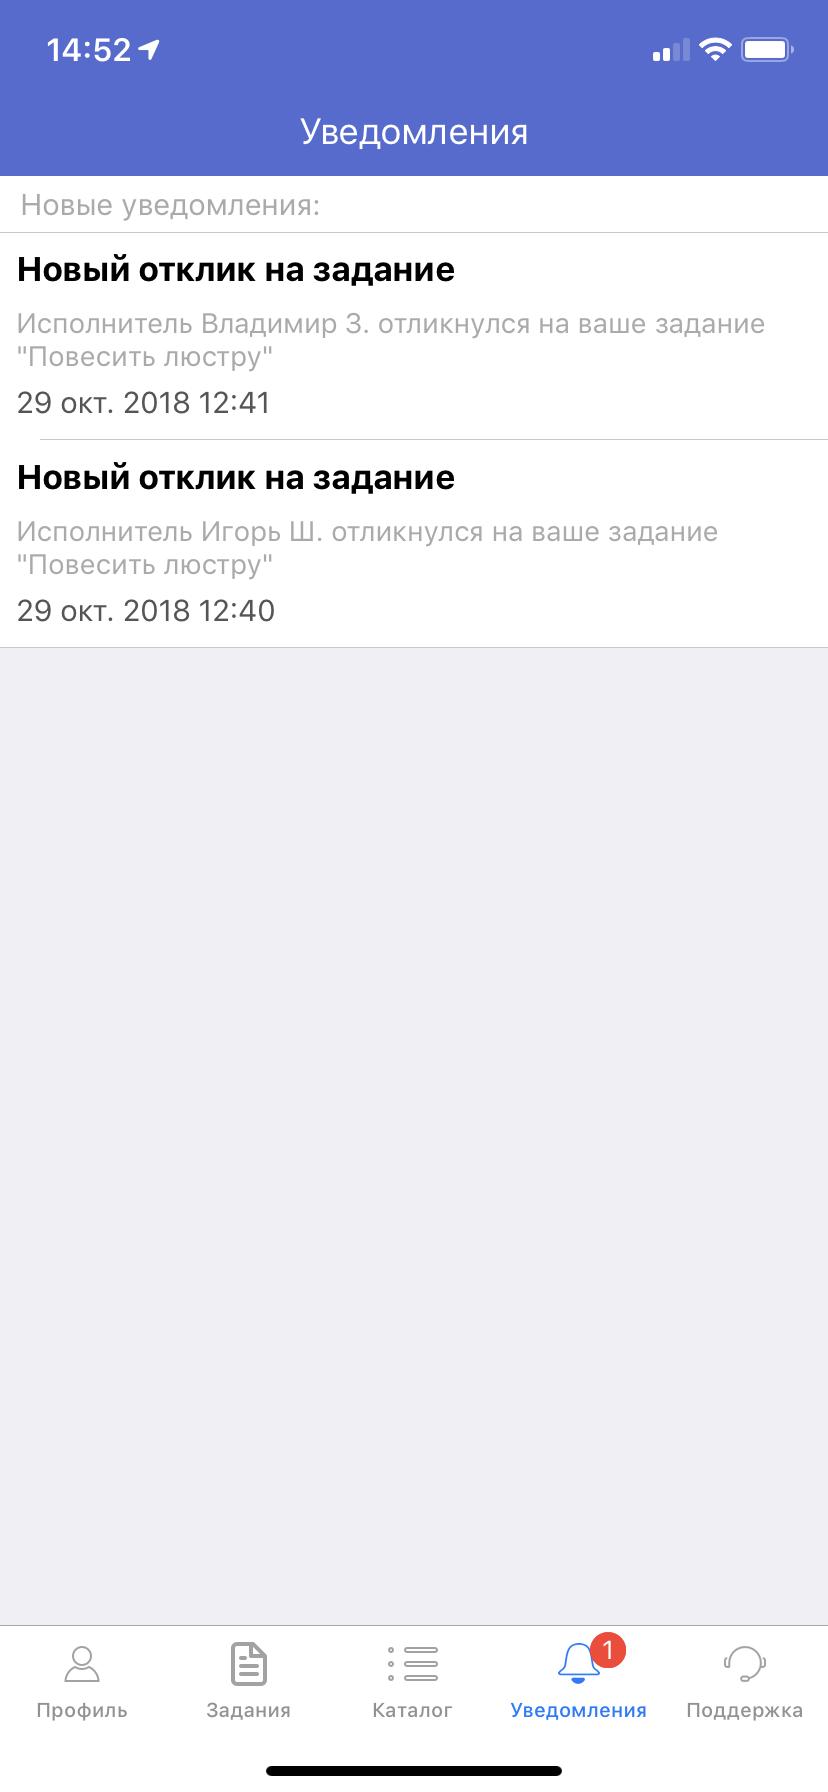 «Безруких.нет» — новый сервис от российских программистов